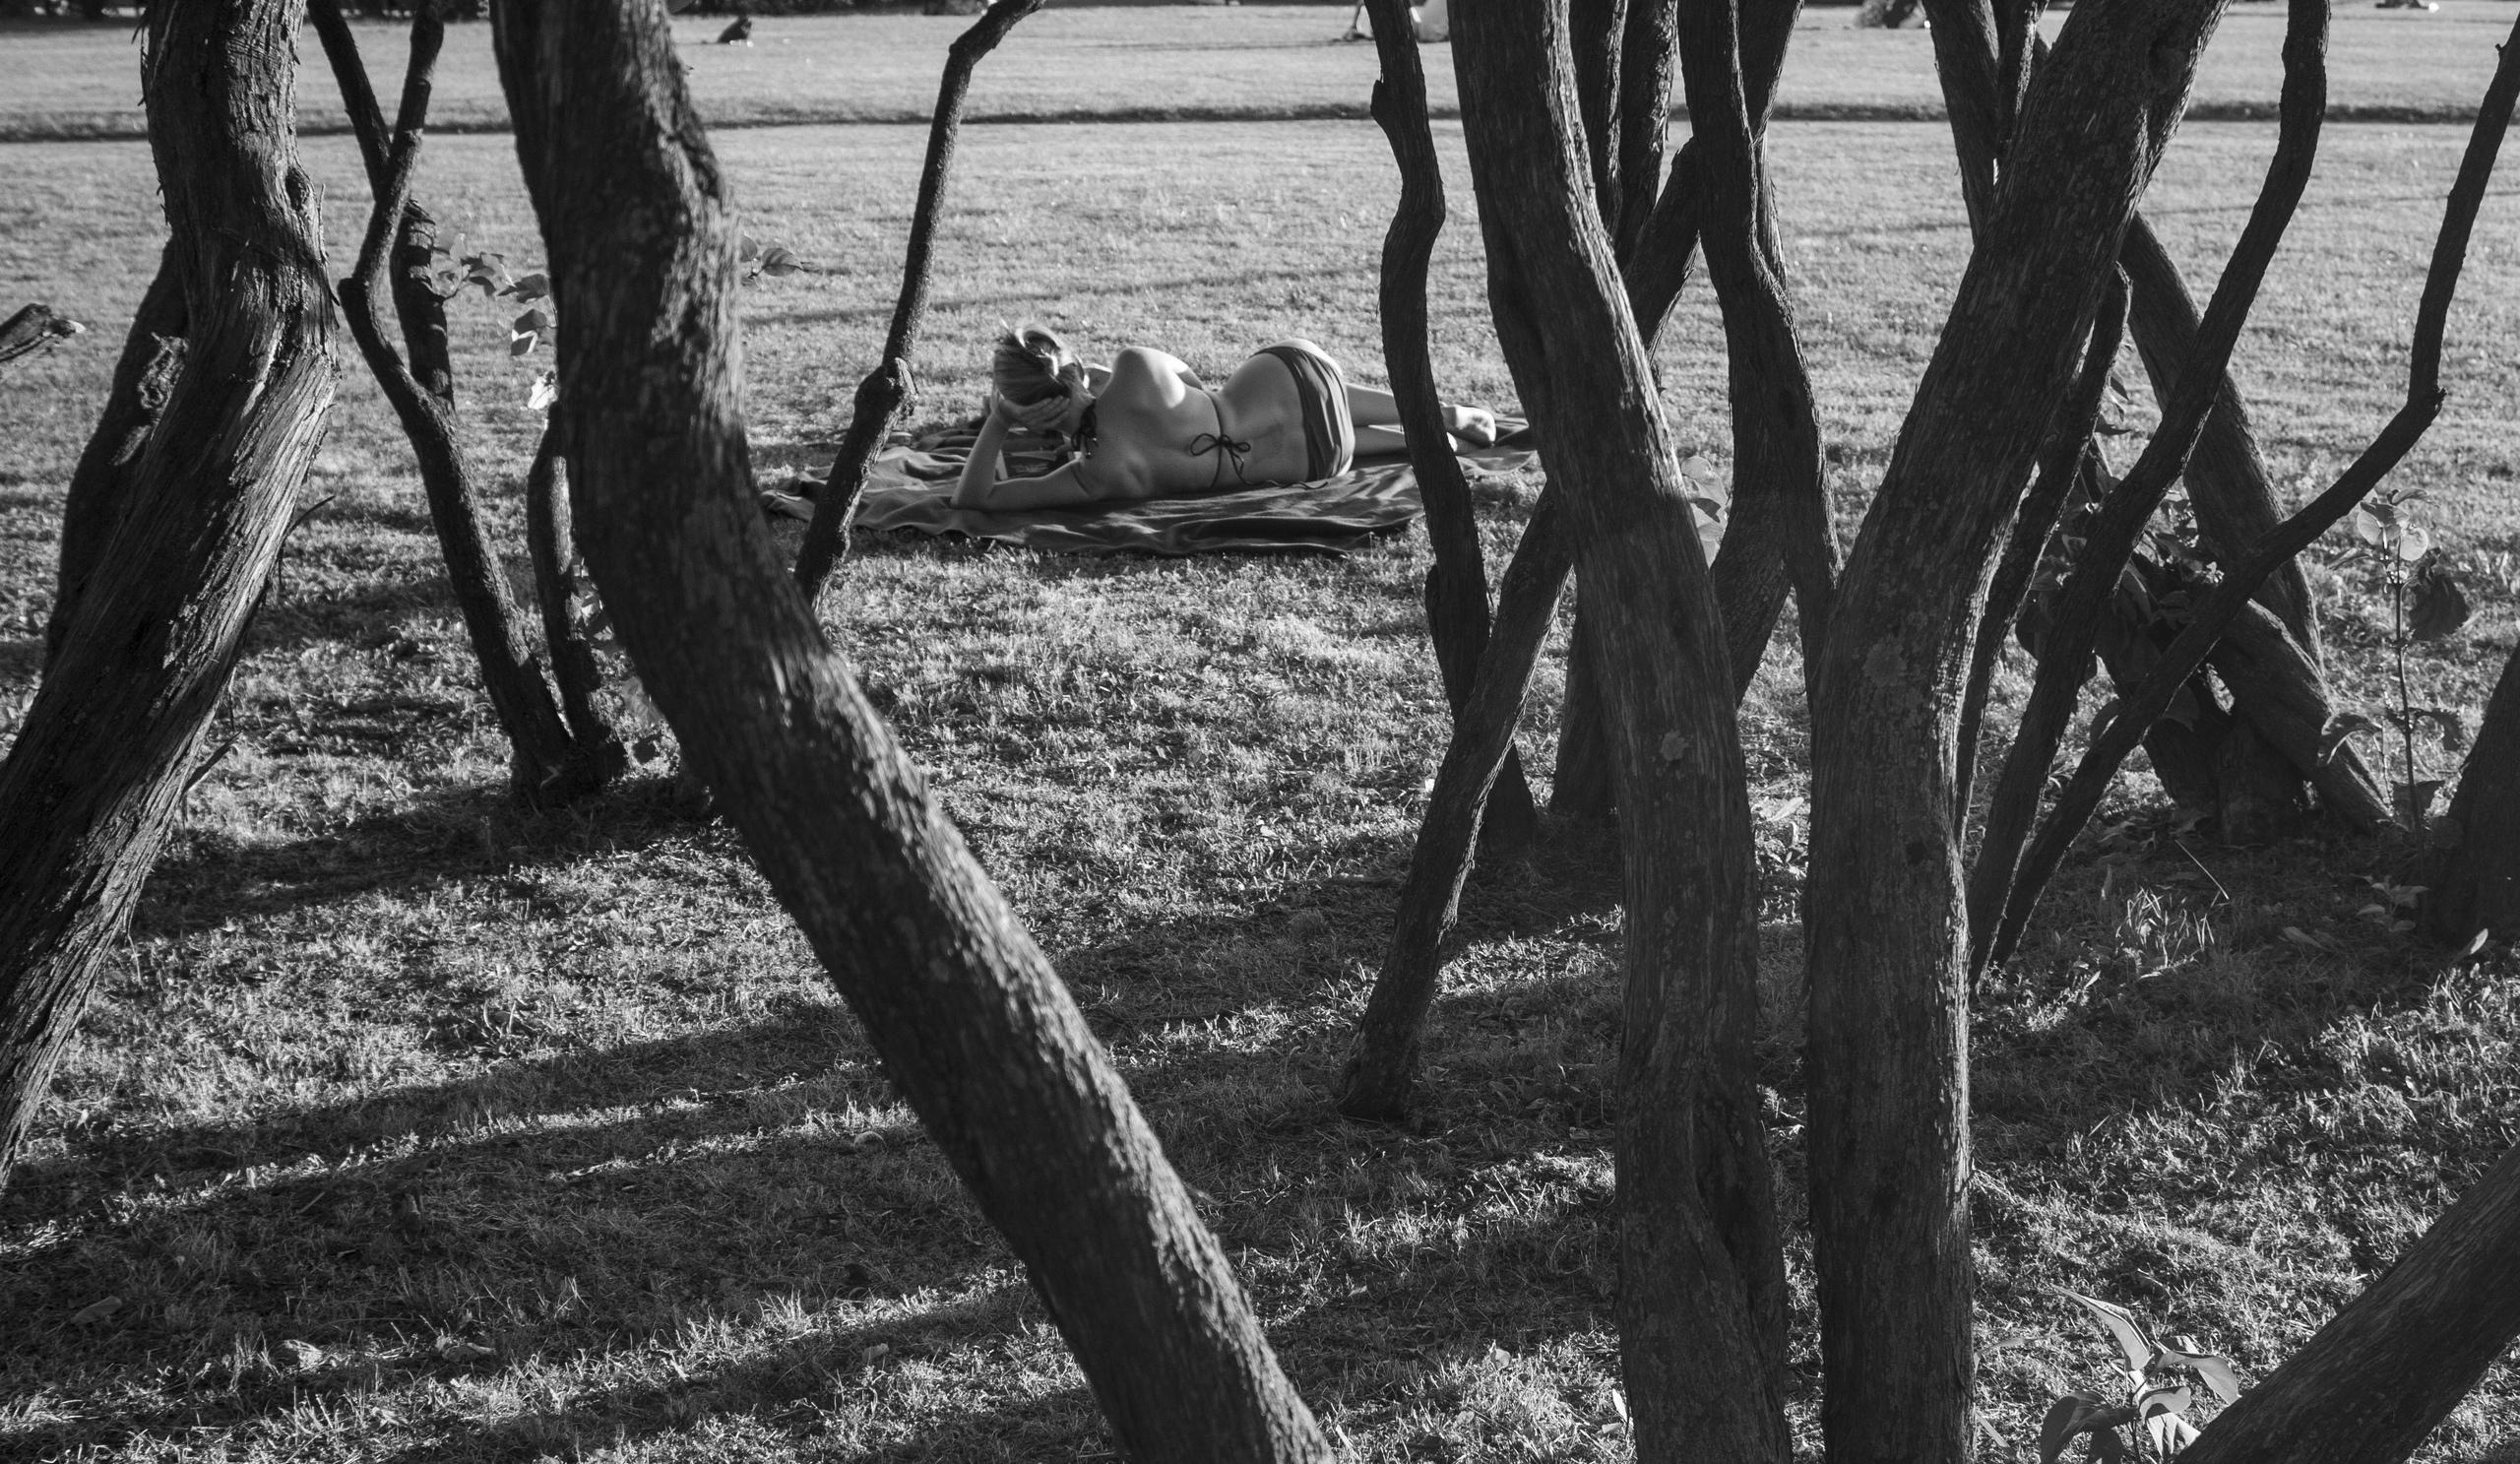 изогнутые стволы деревьев и женщина лежащая на поляне